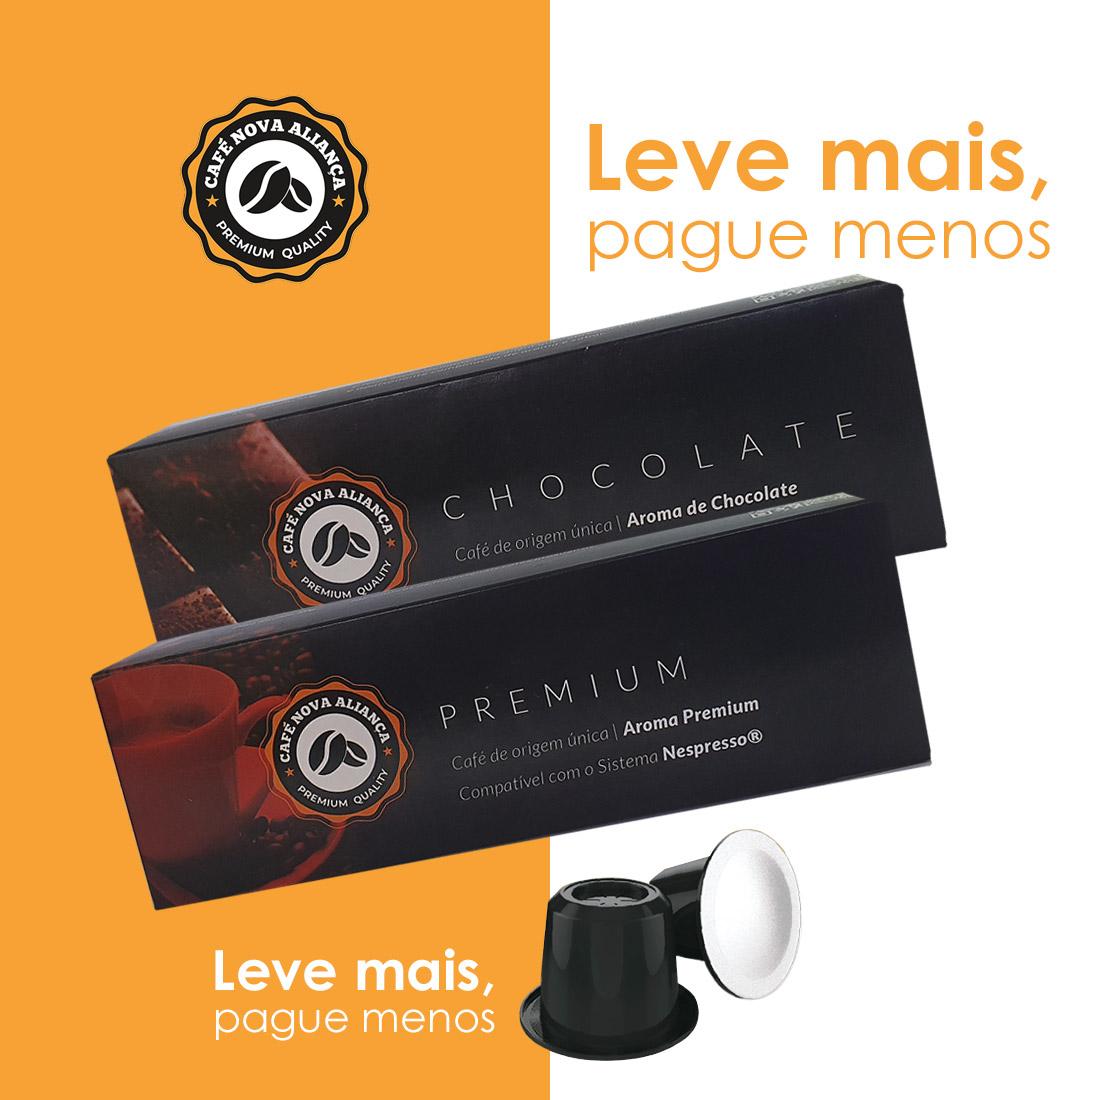 Kit Cápsulas de Café Compatível Nespresso Sabor Premium e Chocolate 2cx de cada